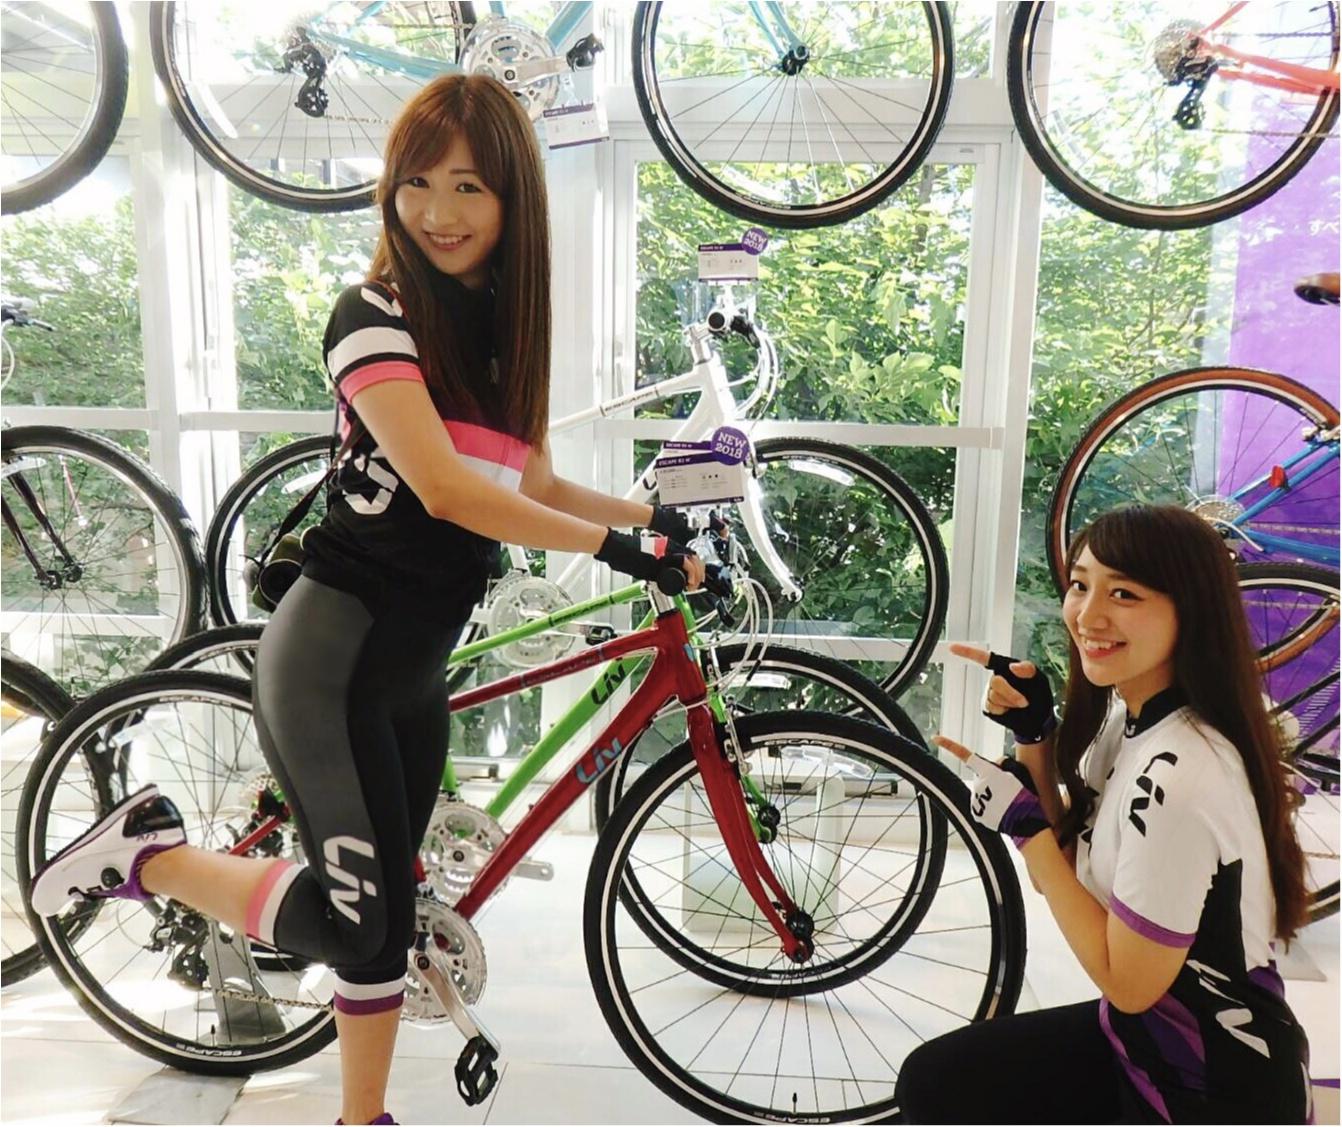 「ツール・ド・東北」完走のため一緒にがんばる相棒♡わたしたち三人娘の自転車を徹底解説!【#モアチャレ さえ】_5